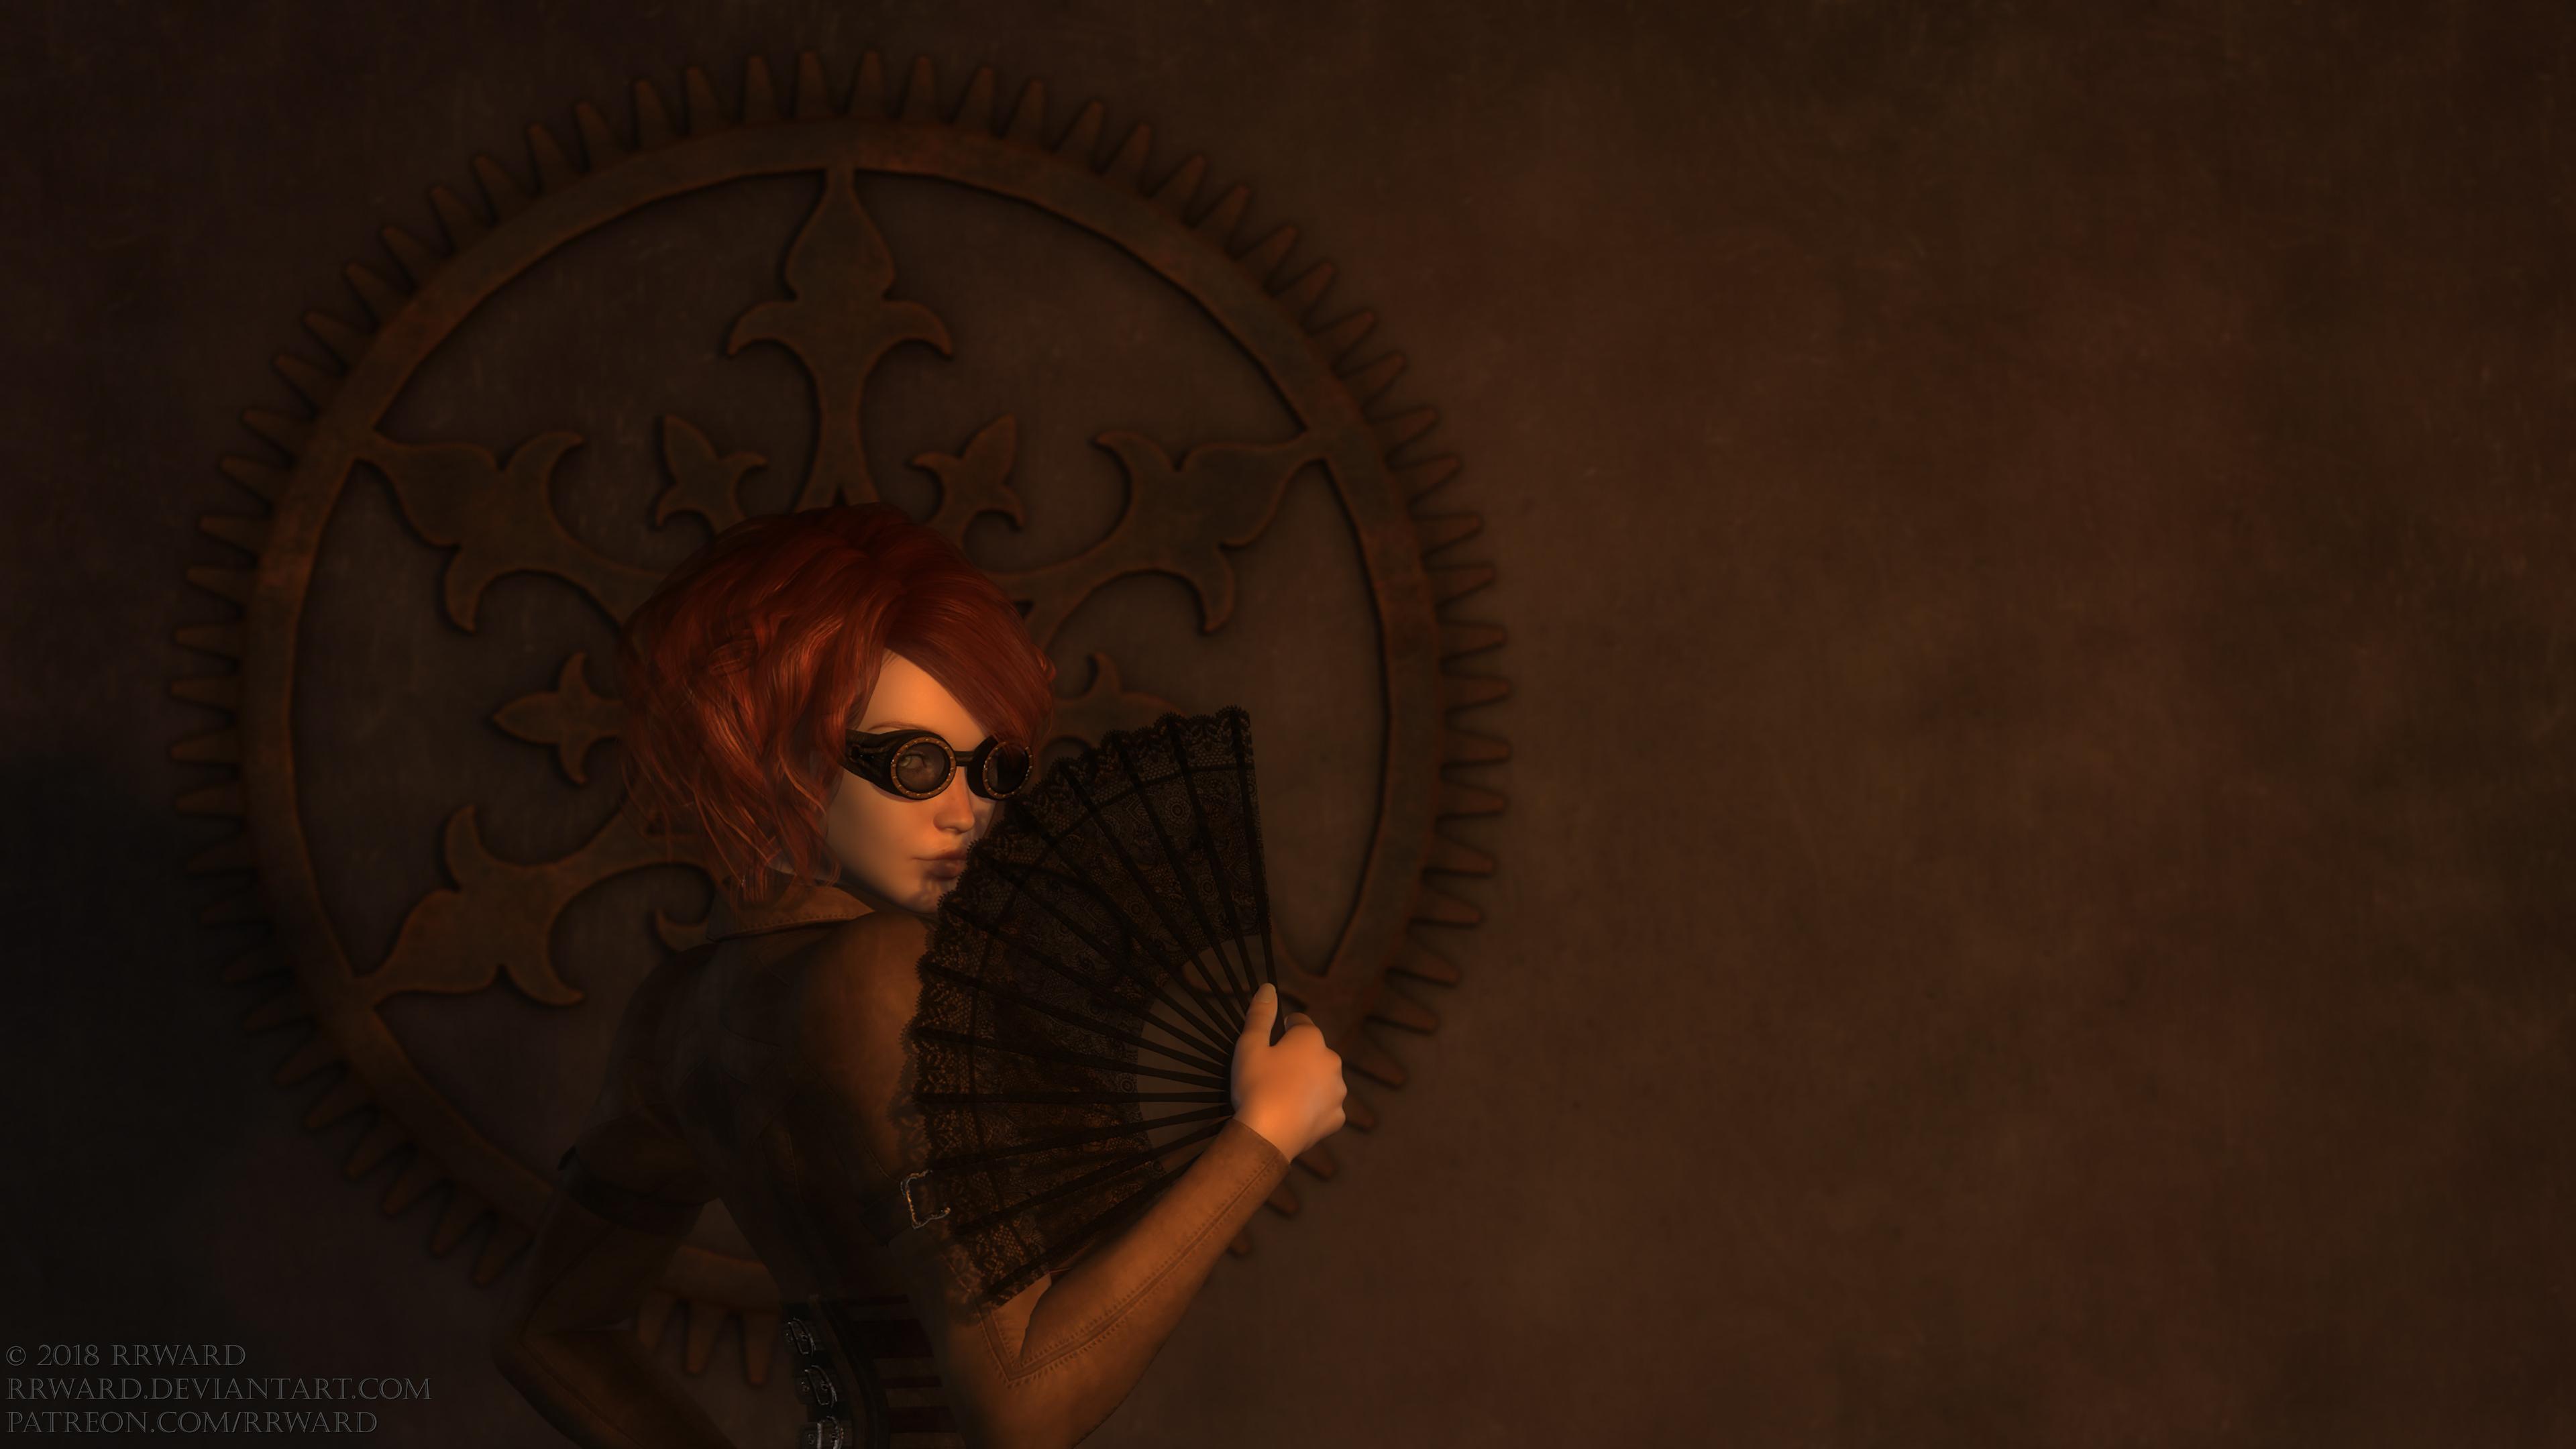 Lady With A Fan -  4K Wallpaper by rrward